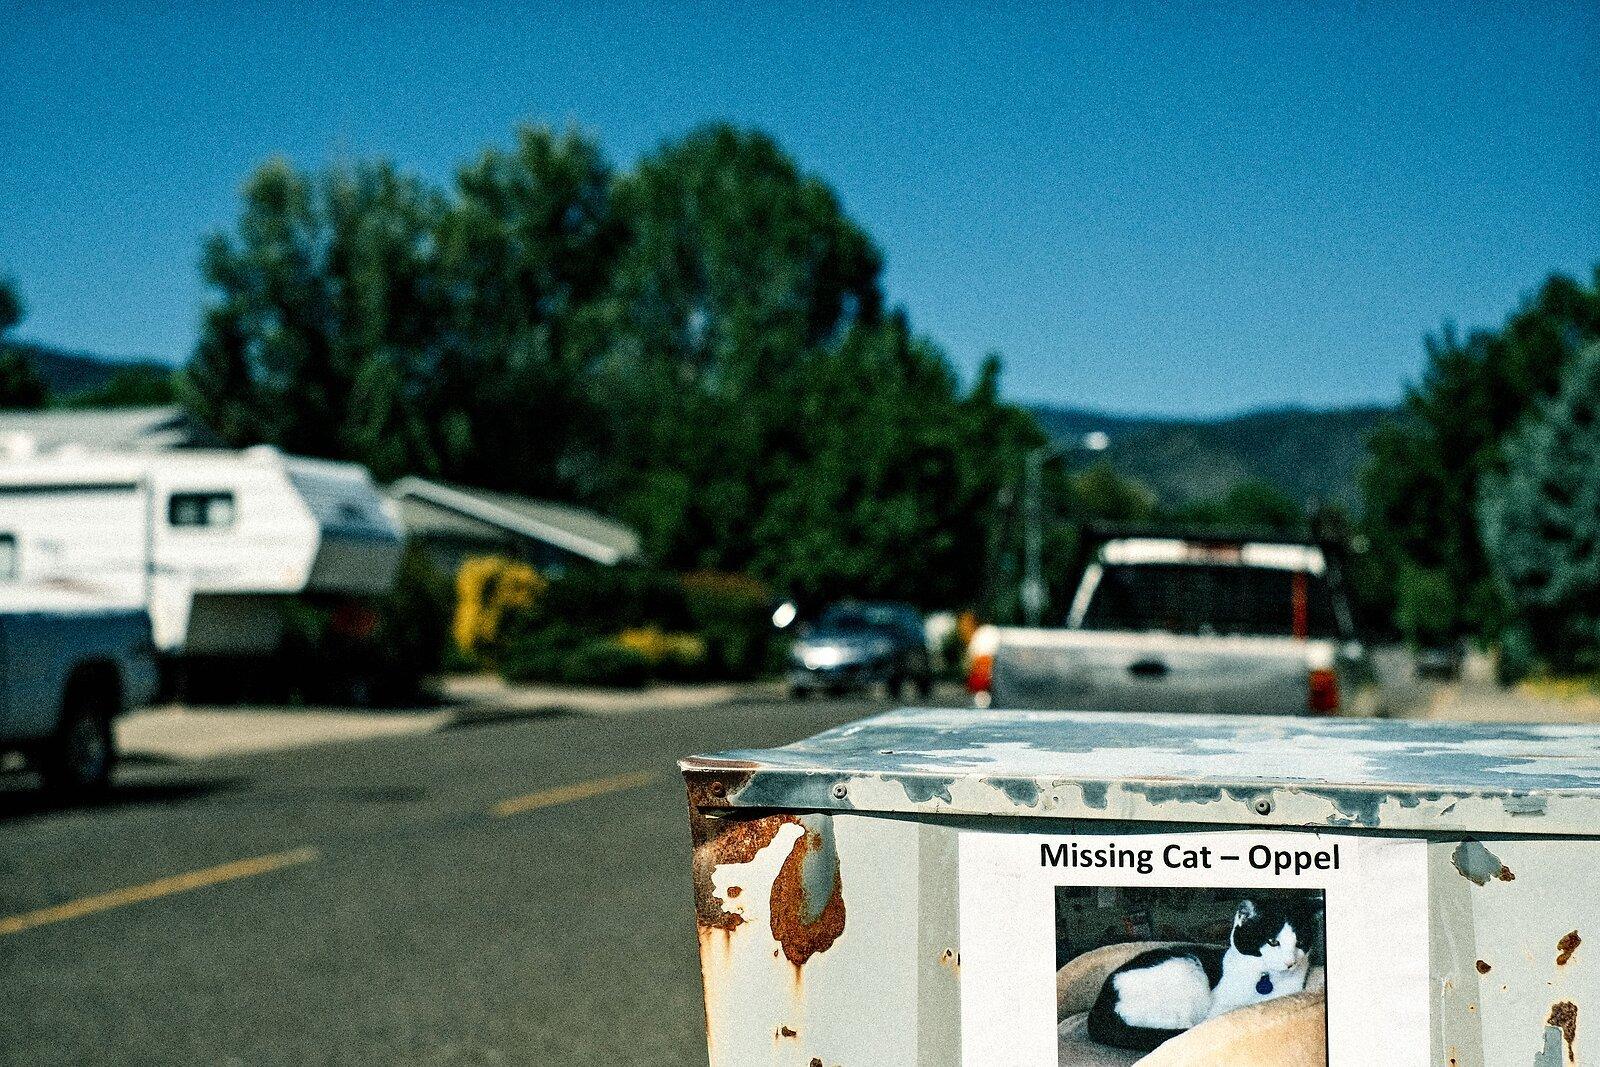 XPro3_July20_21_Missing-Cat_Oppel.jpg